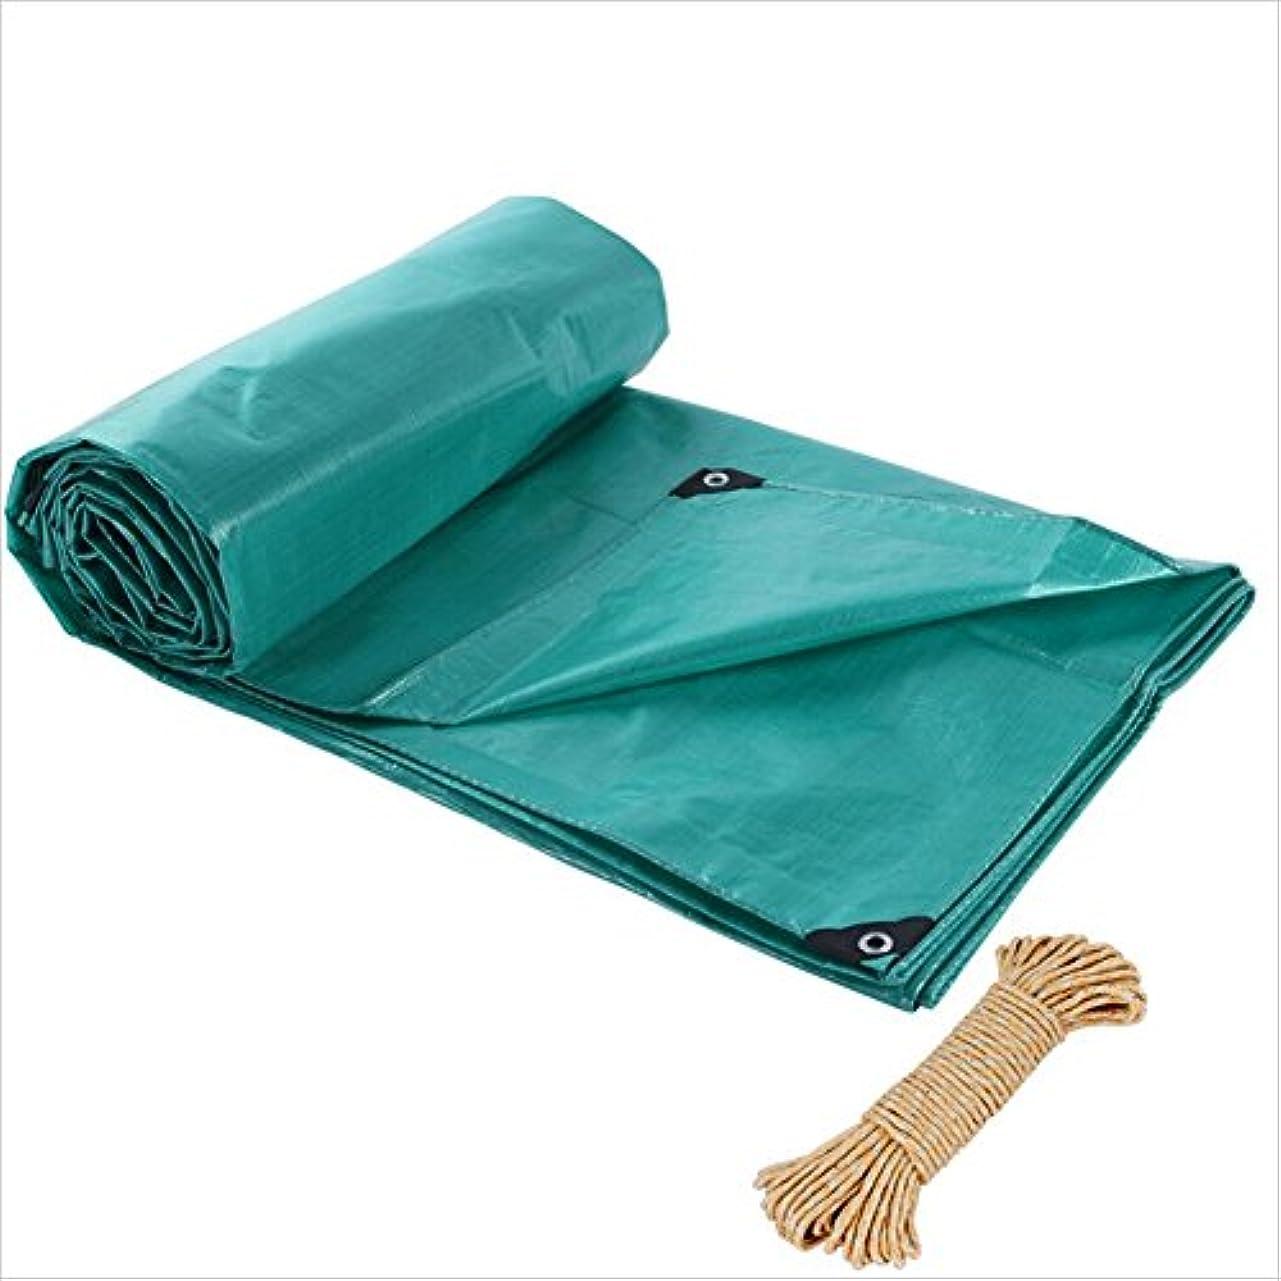 落ち着く私たちのもの素朴なZHANWEI ターポリンタープ 厚くする レインプルーフ 日焼け止め テントカバー - 緑、 200g /㎡、 カスタマイズ可能なサイズ (色 : 緑, サイズ さいず : 4 x 5m)